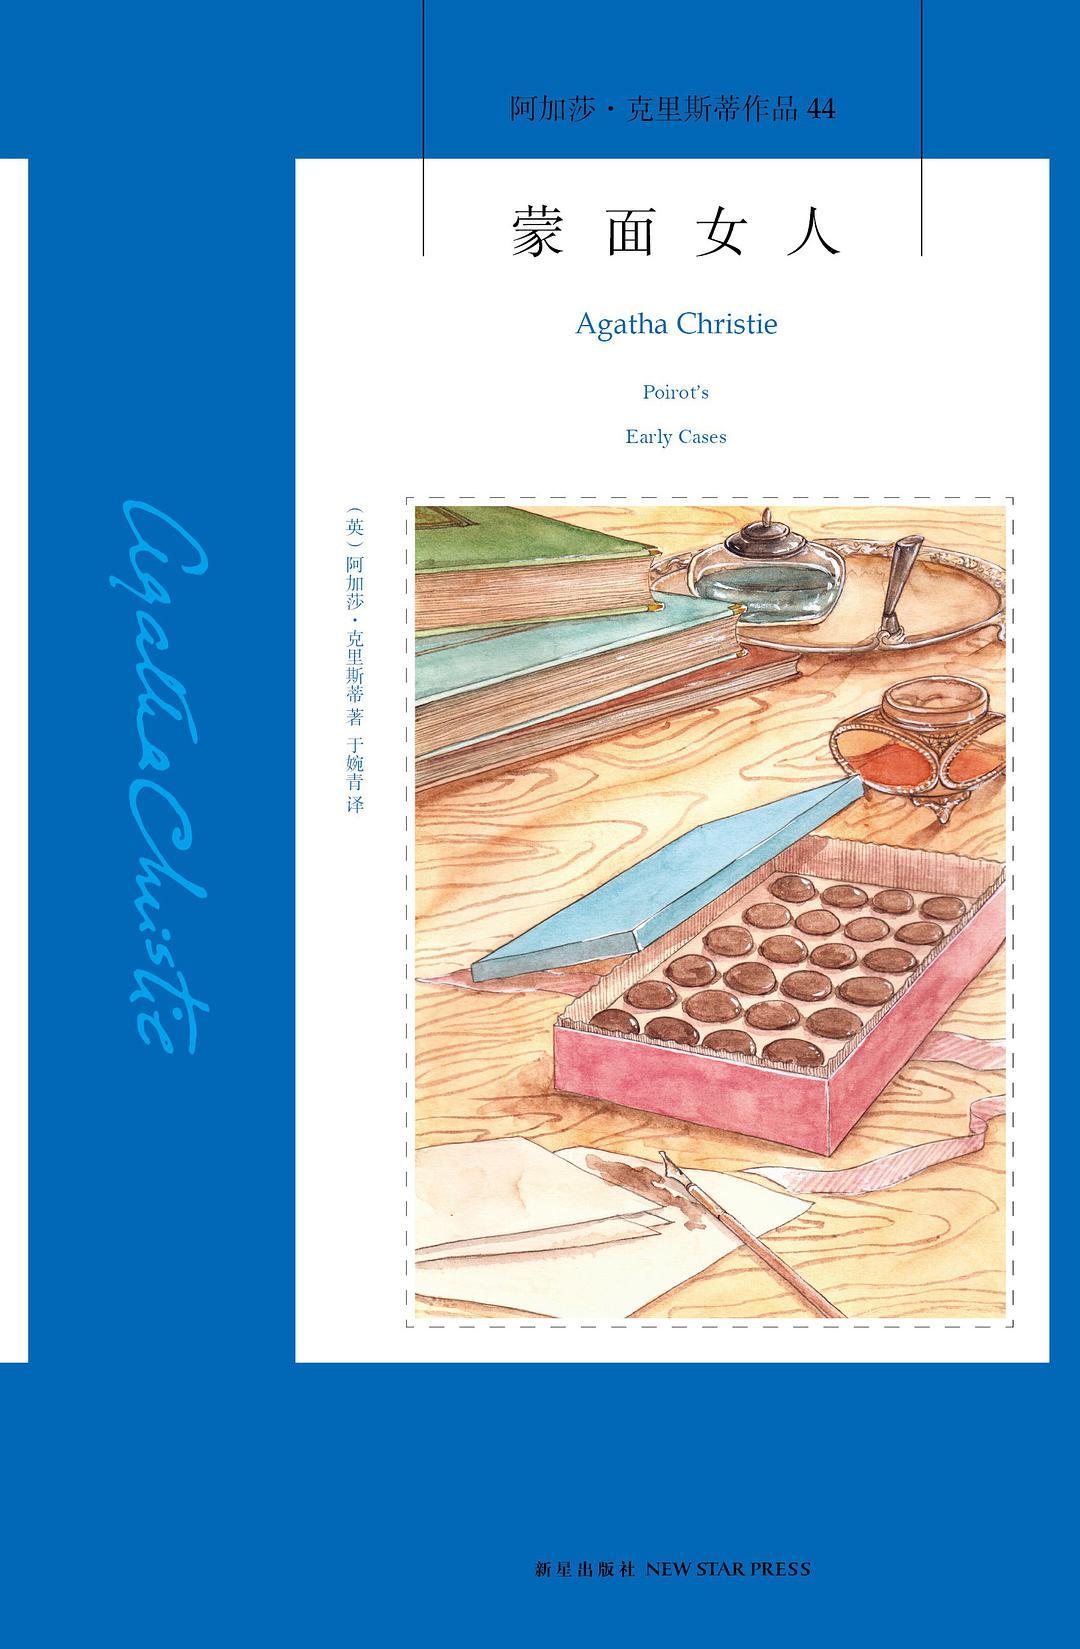 蒙面女人:阿加莎·克里斯蒂侦探作品集44